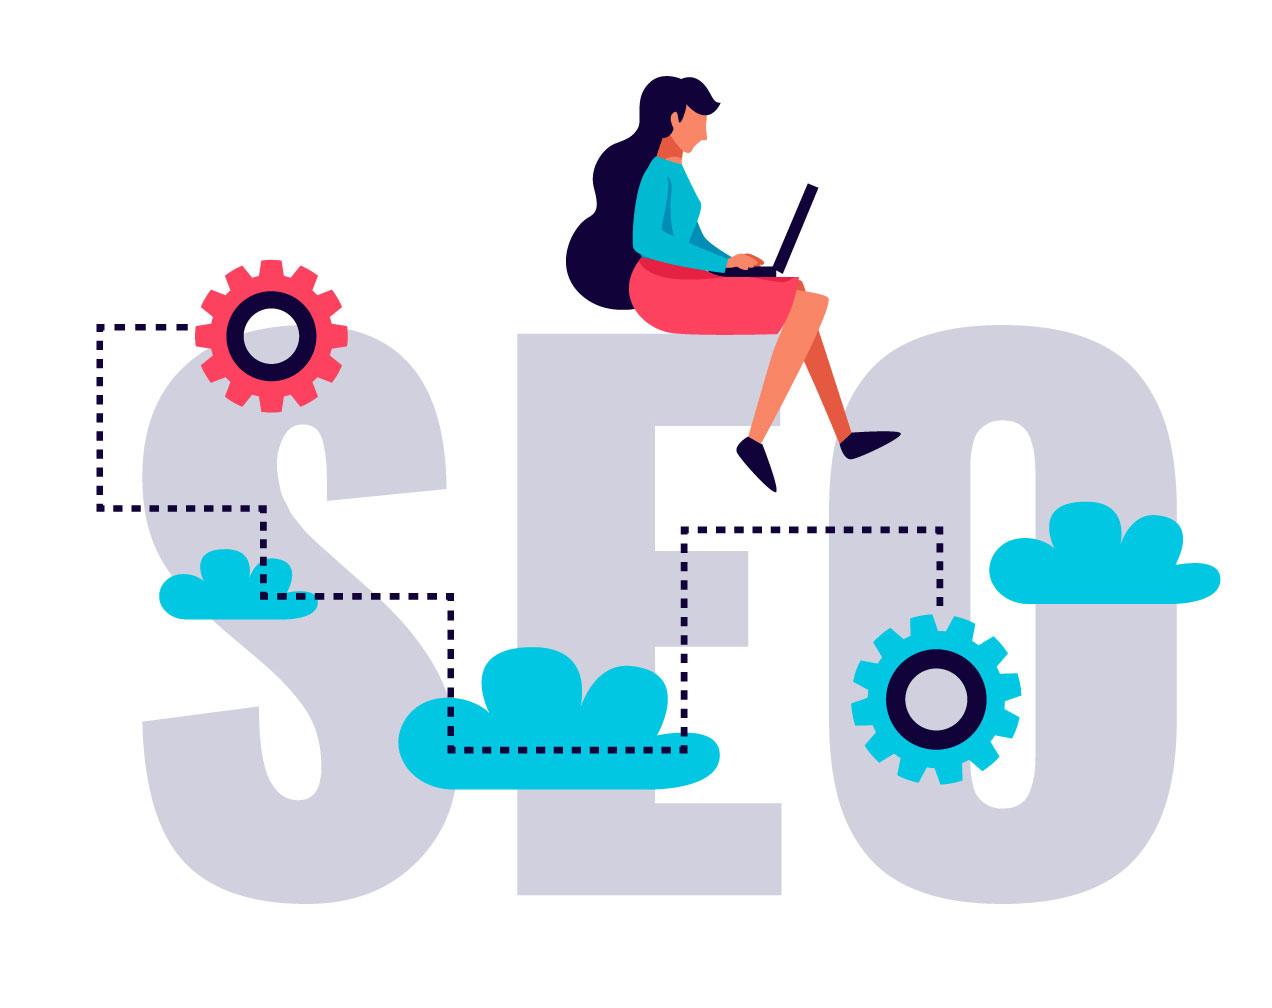 Référencement SEO et amélioration de votre visibilité sur les moteurs de recherche